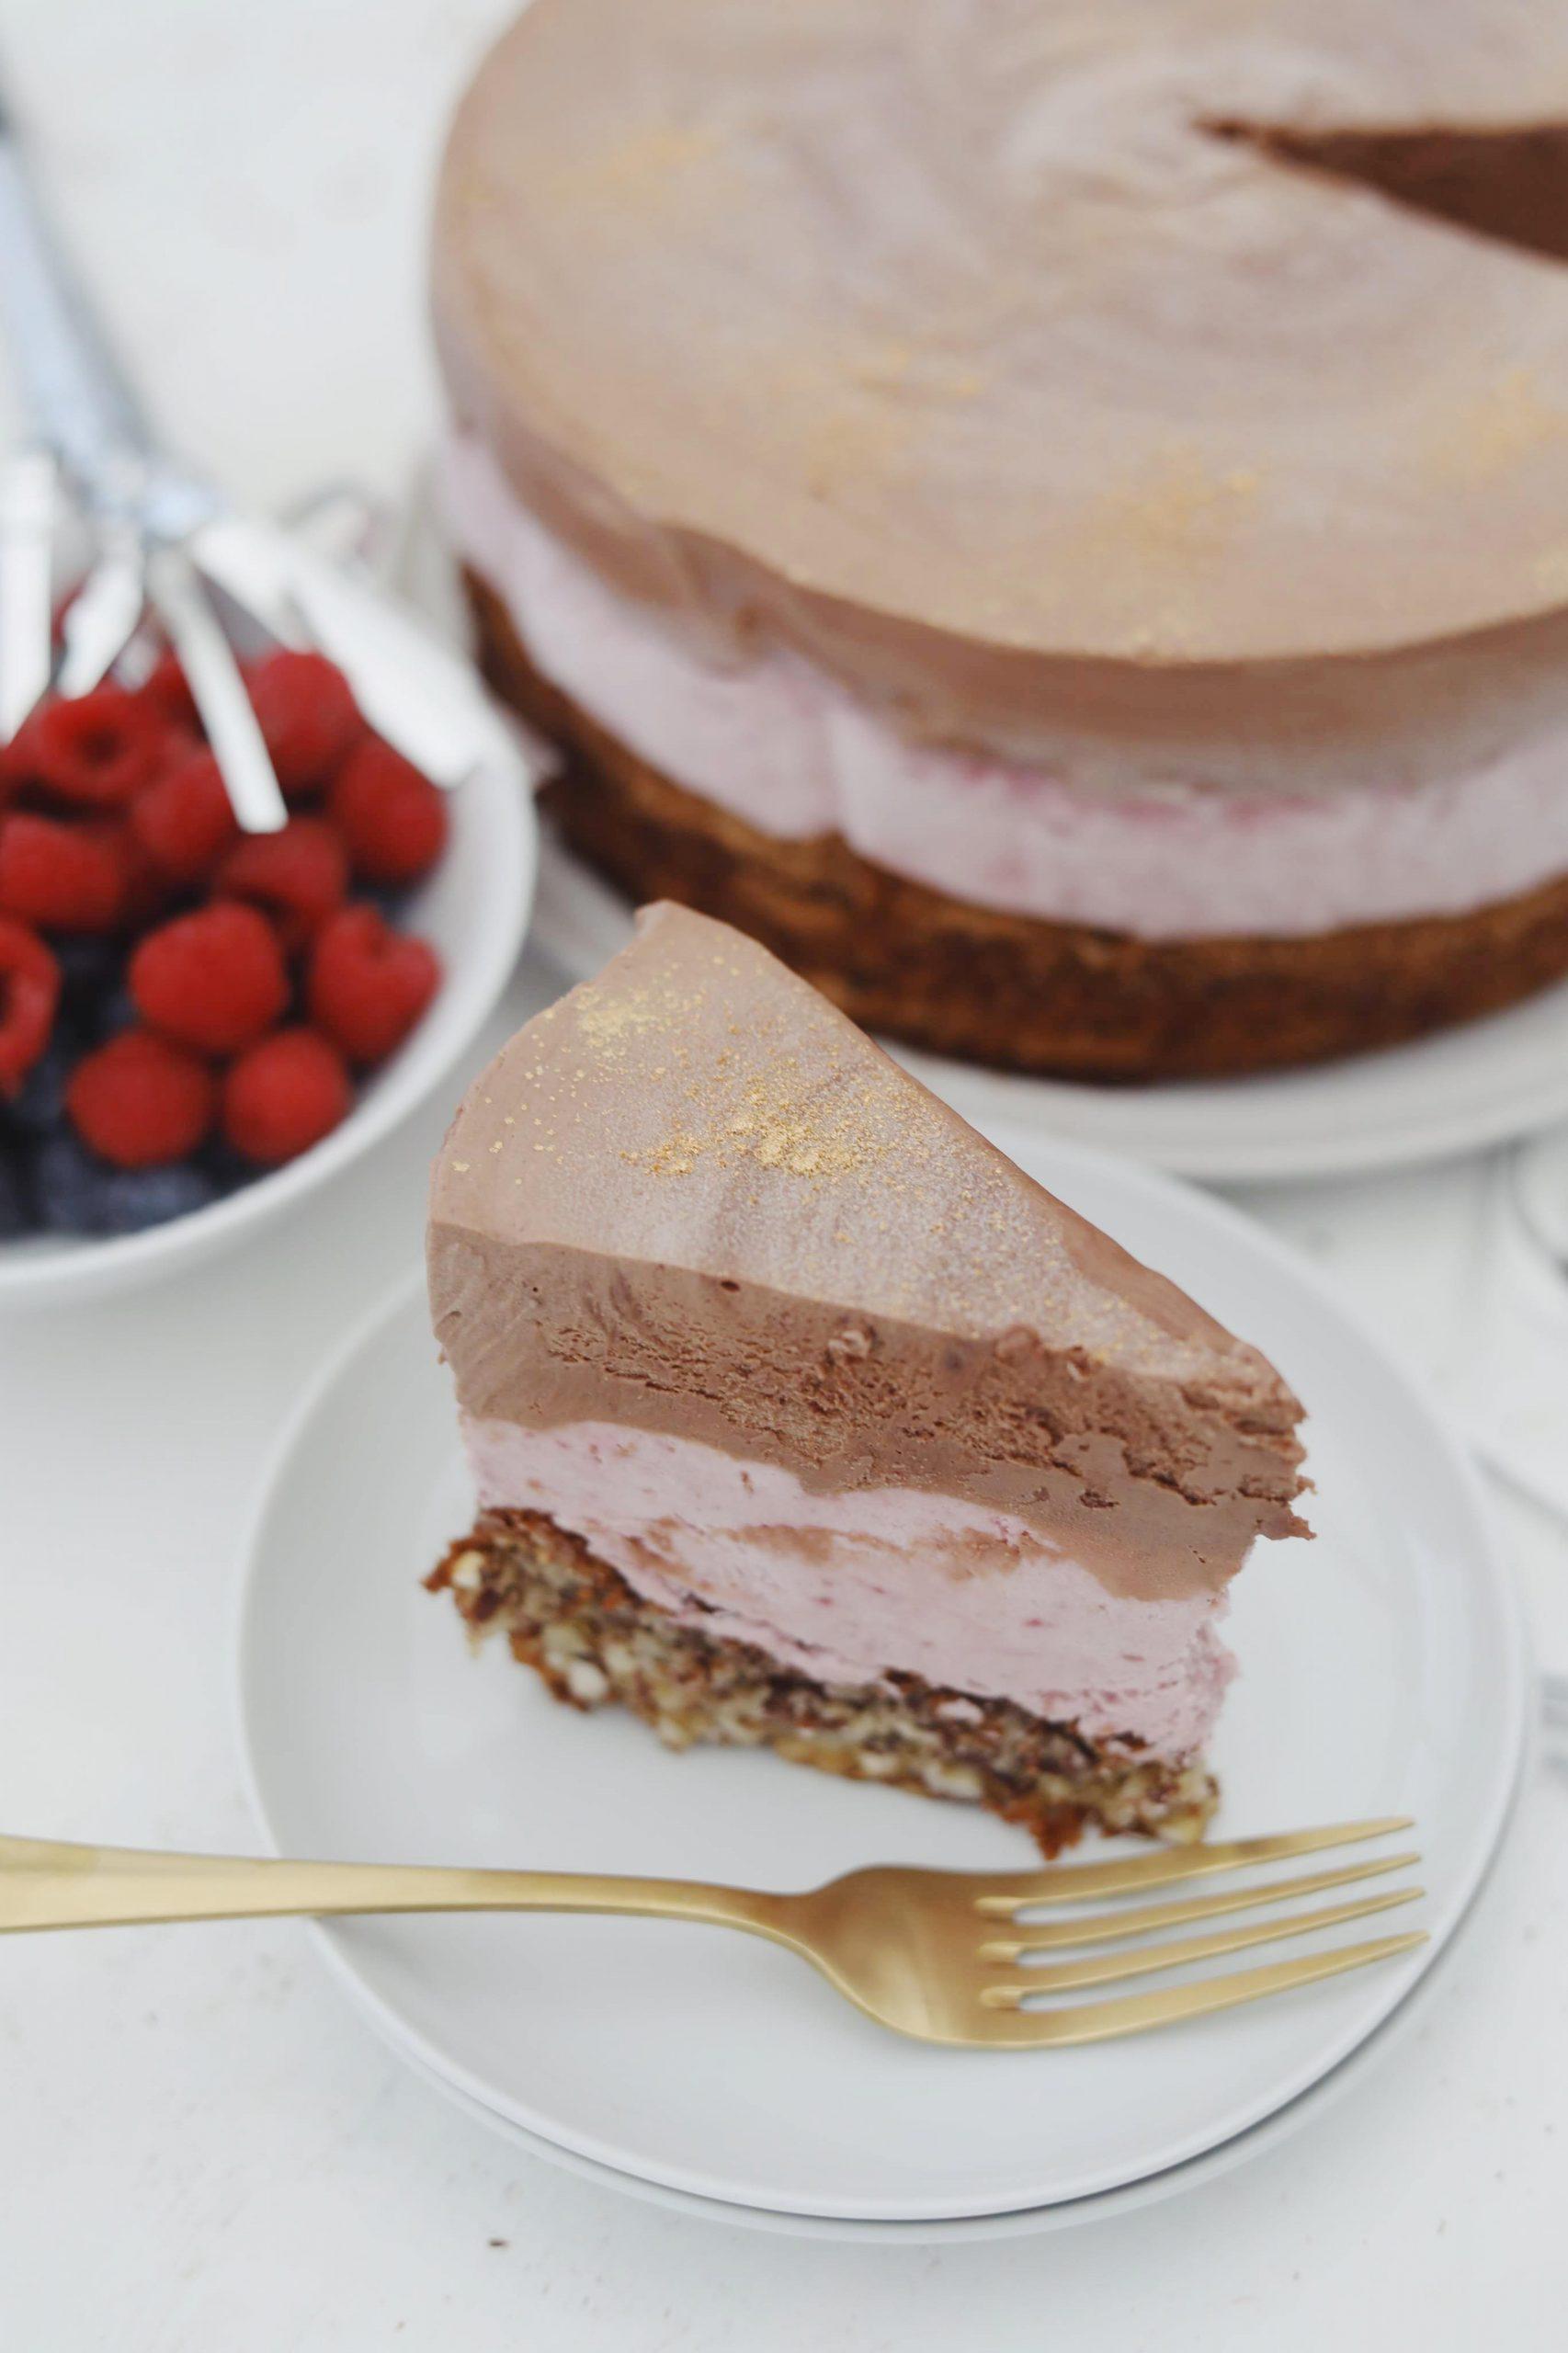 Islagkage med hindbær og chokolade